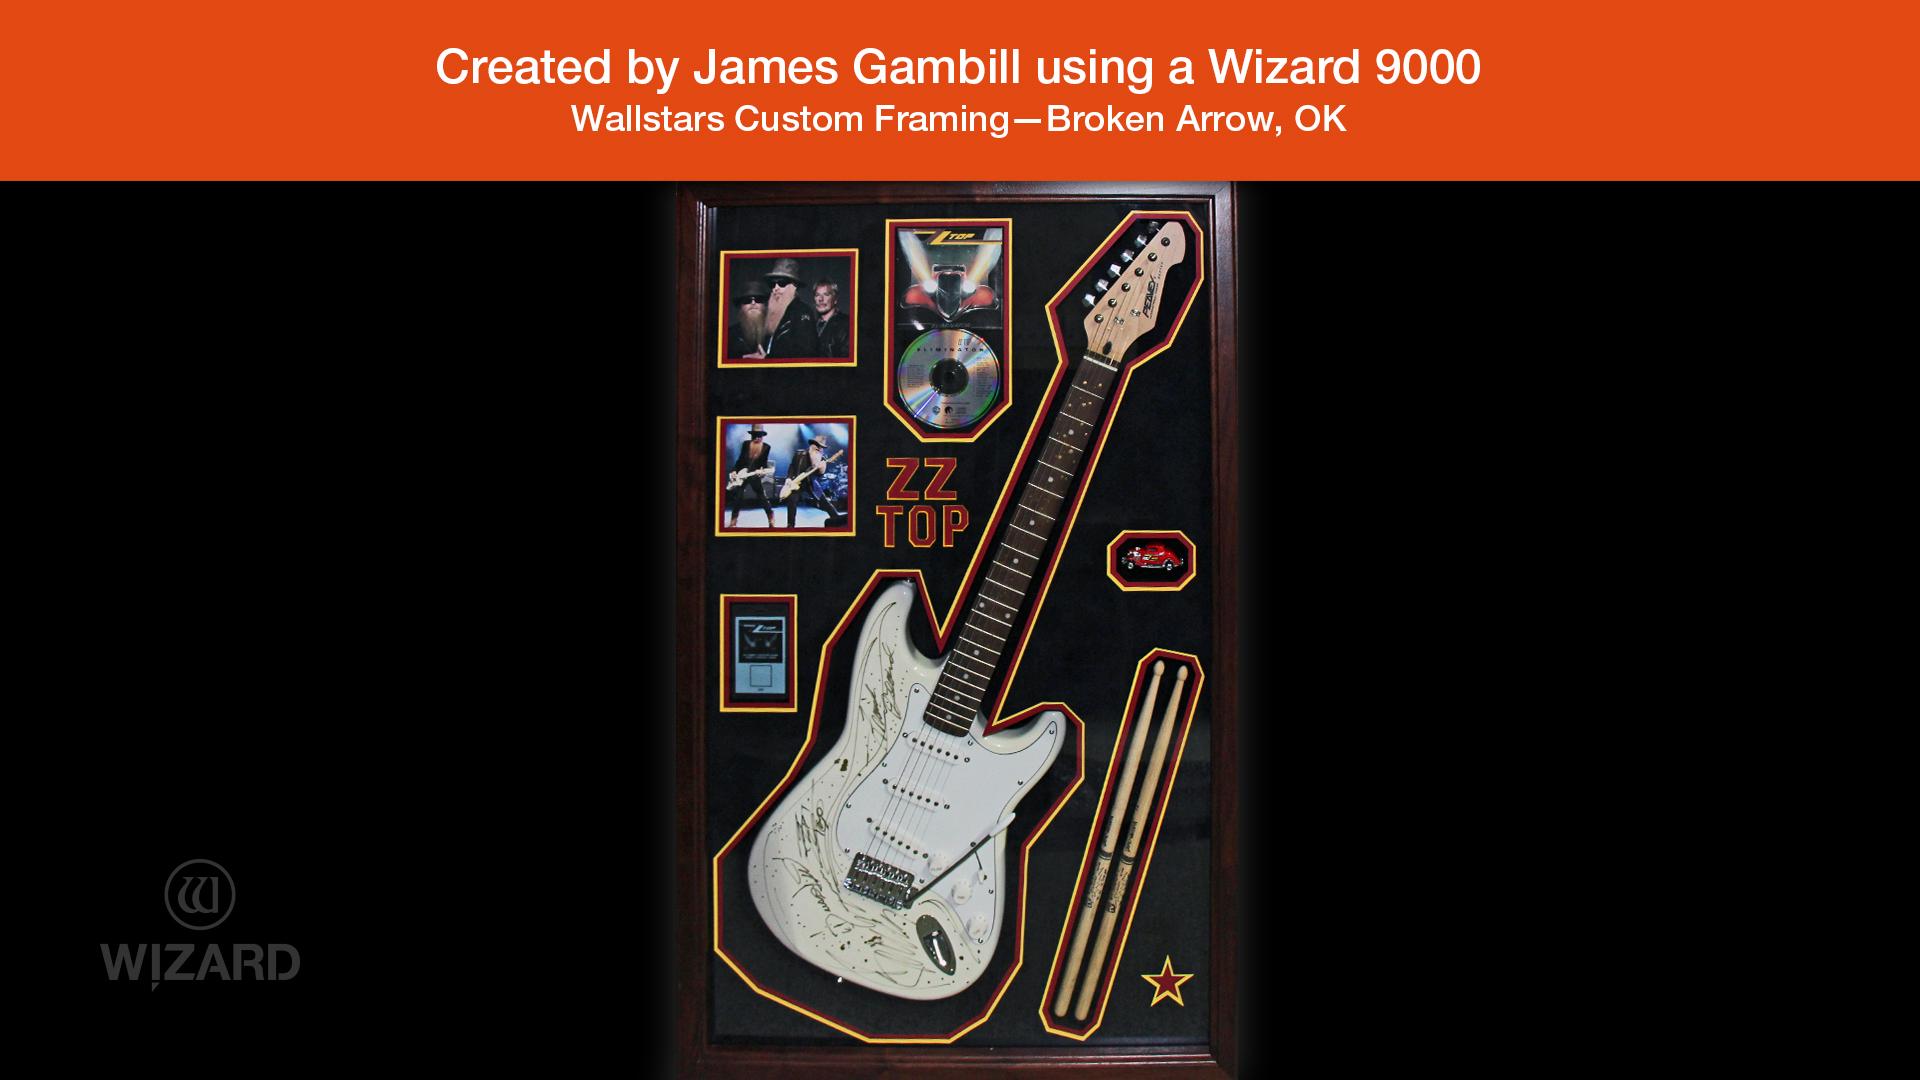 james-gambill-1.jpg